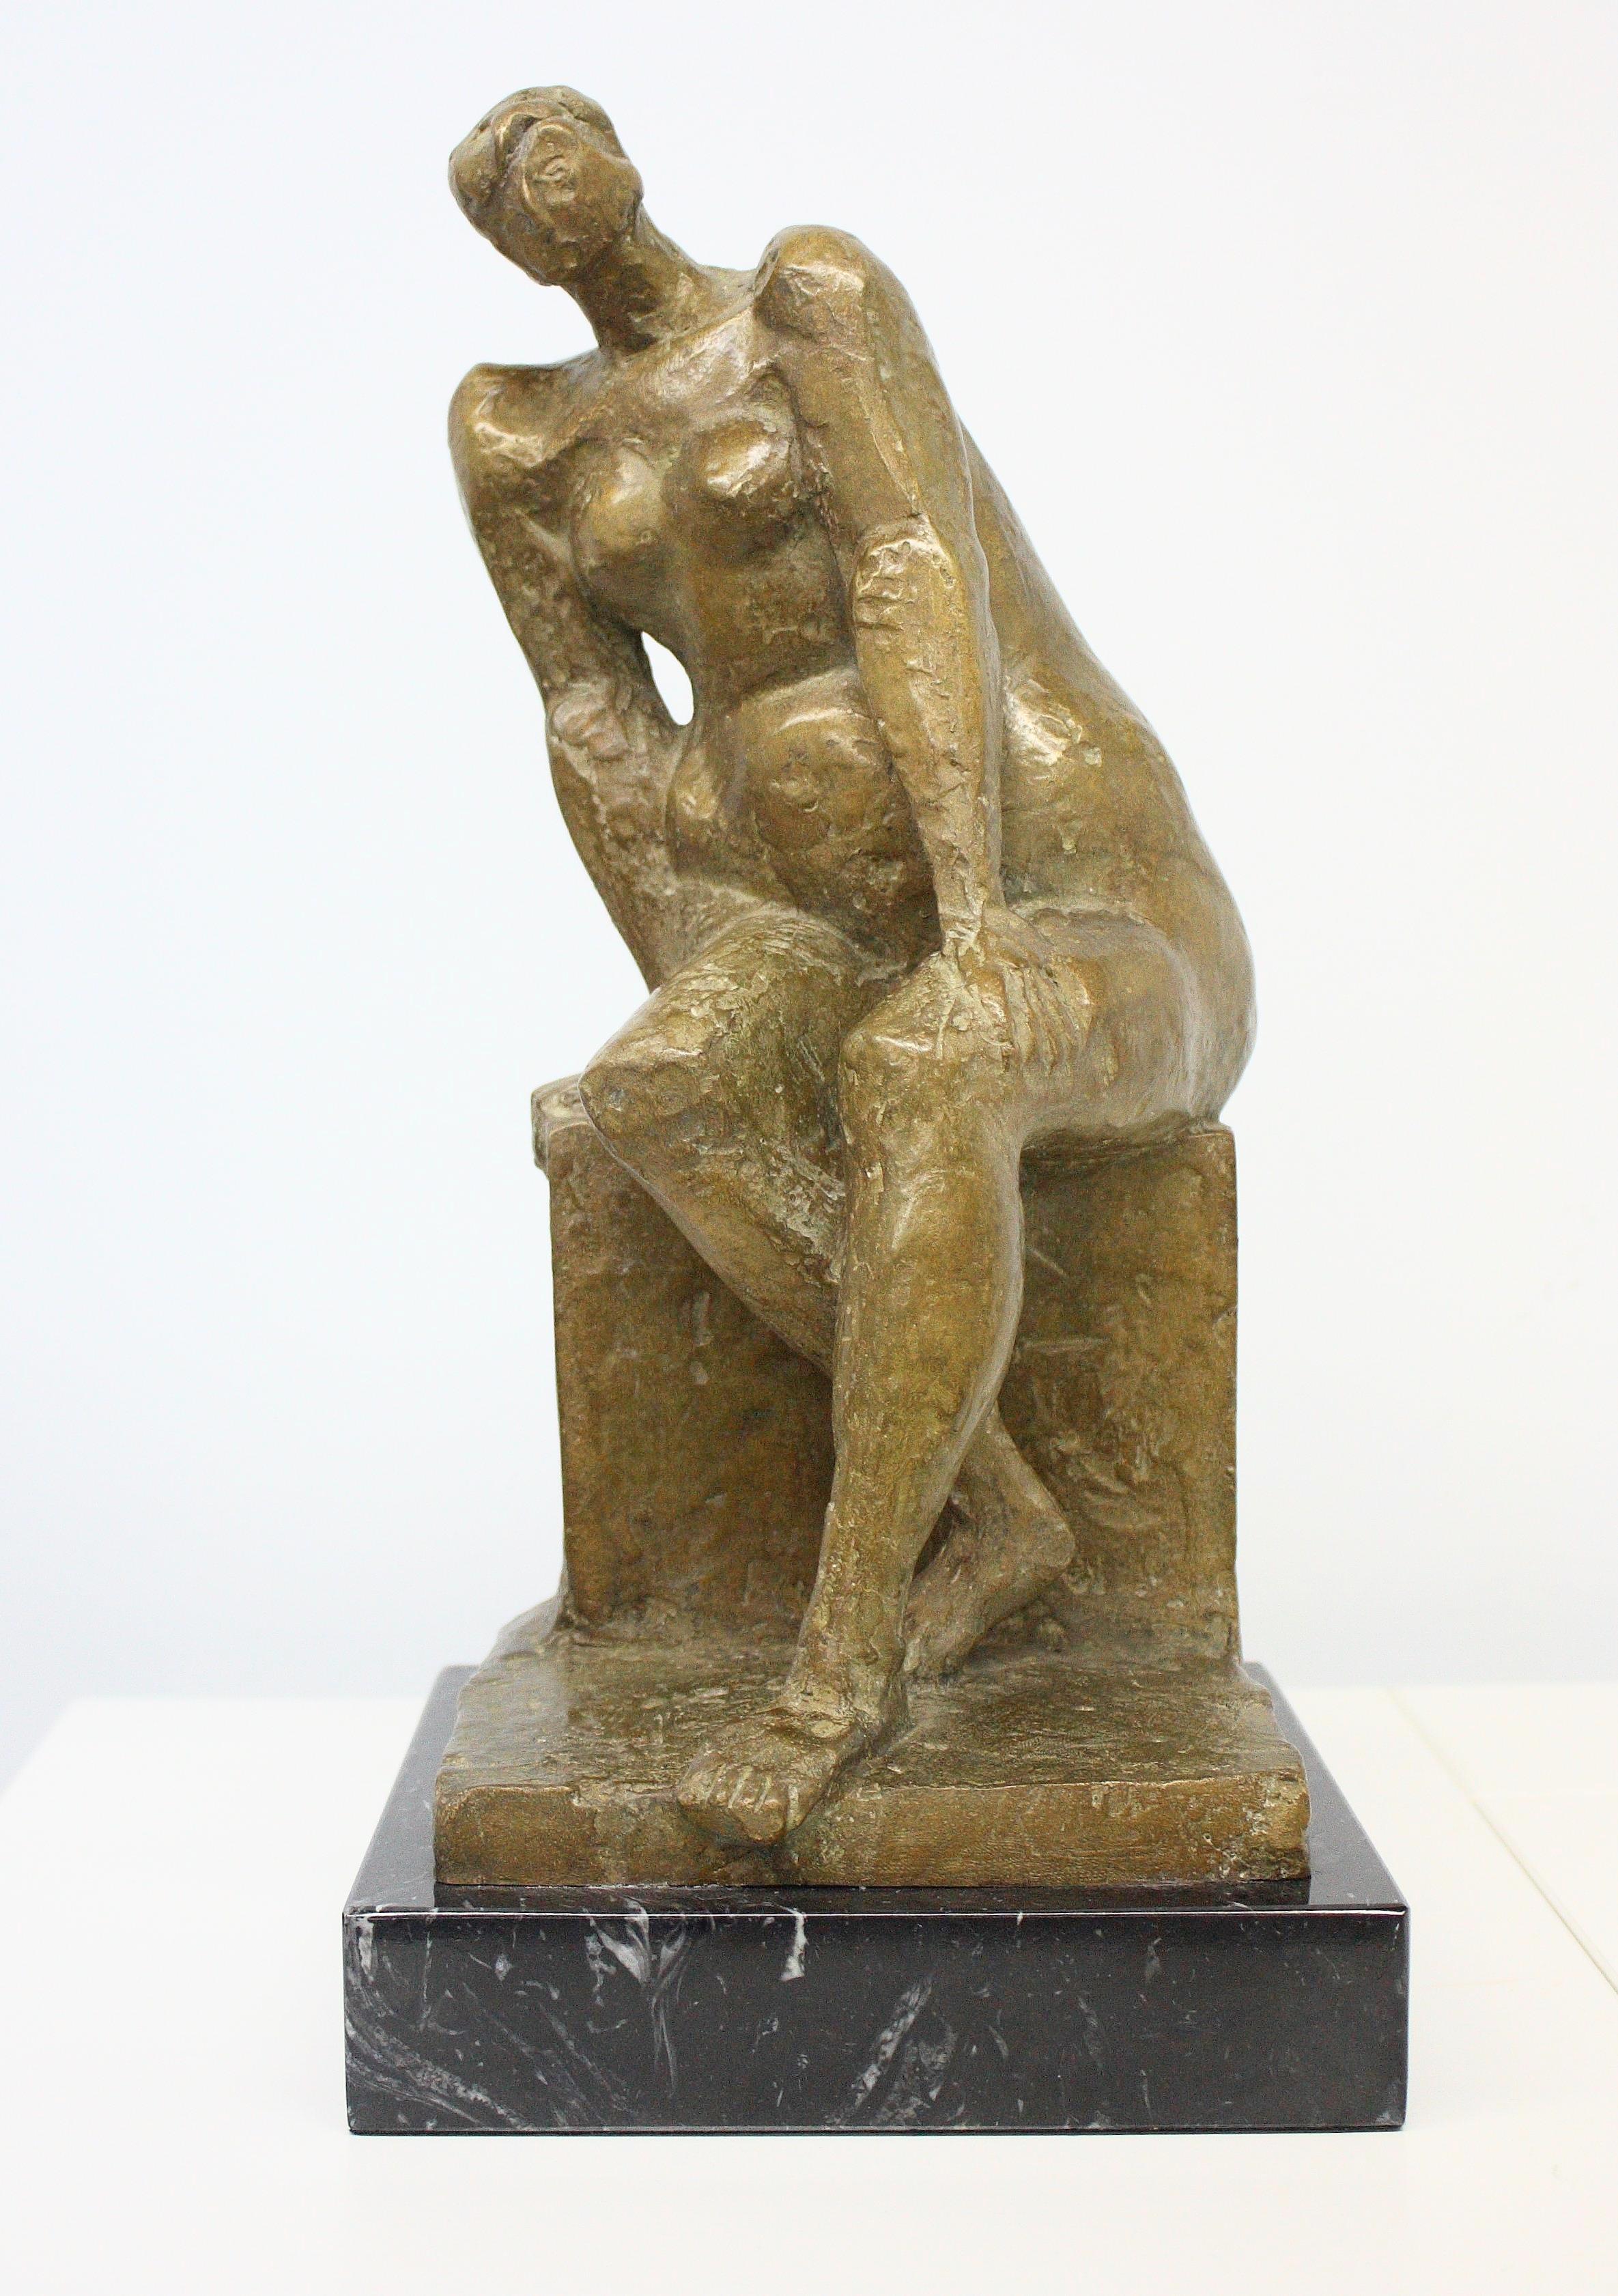 Antonio Campillo (Murcia 1925 – 2009). Mujer Sentada. Bronce numerado 8/8 Medidas de 34 x 16 x 15.